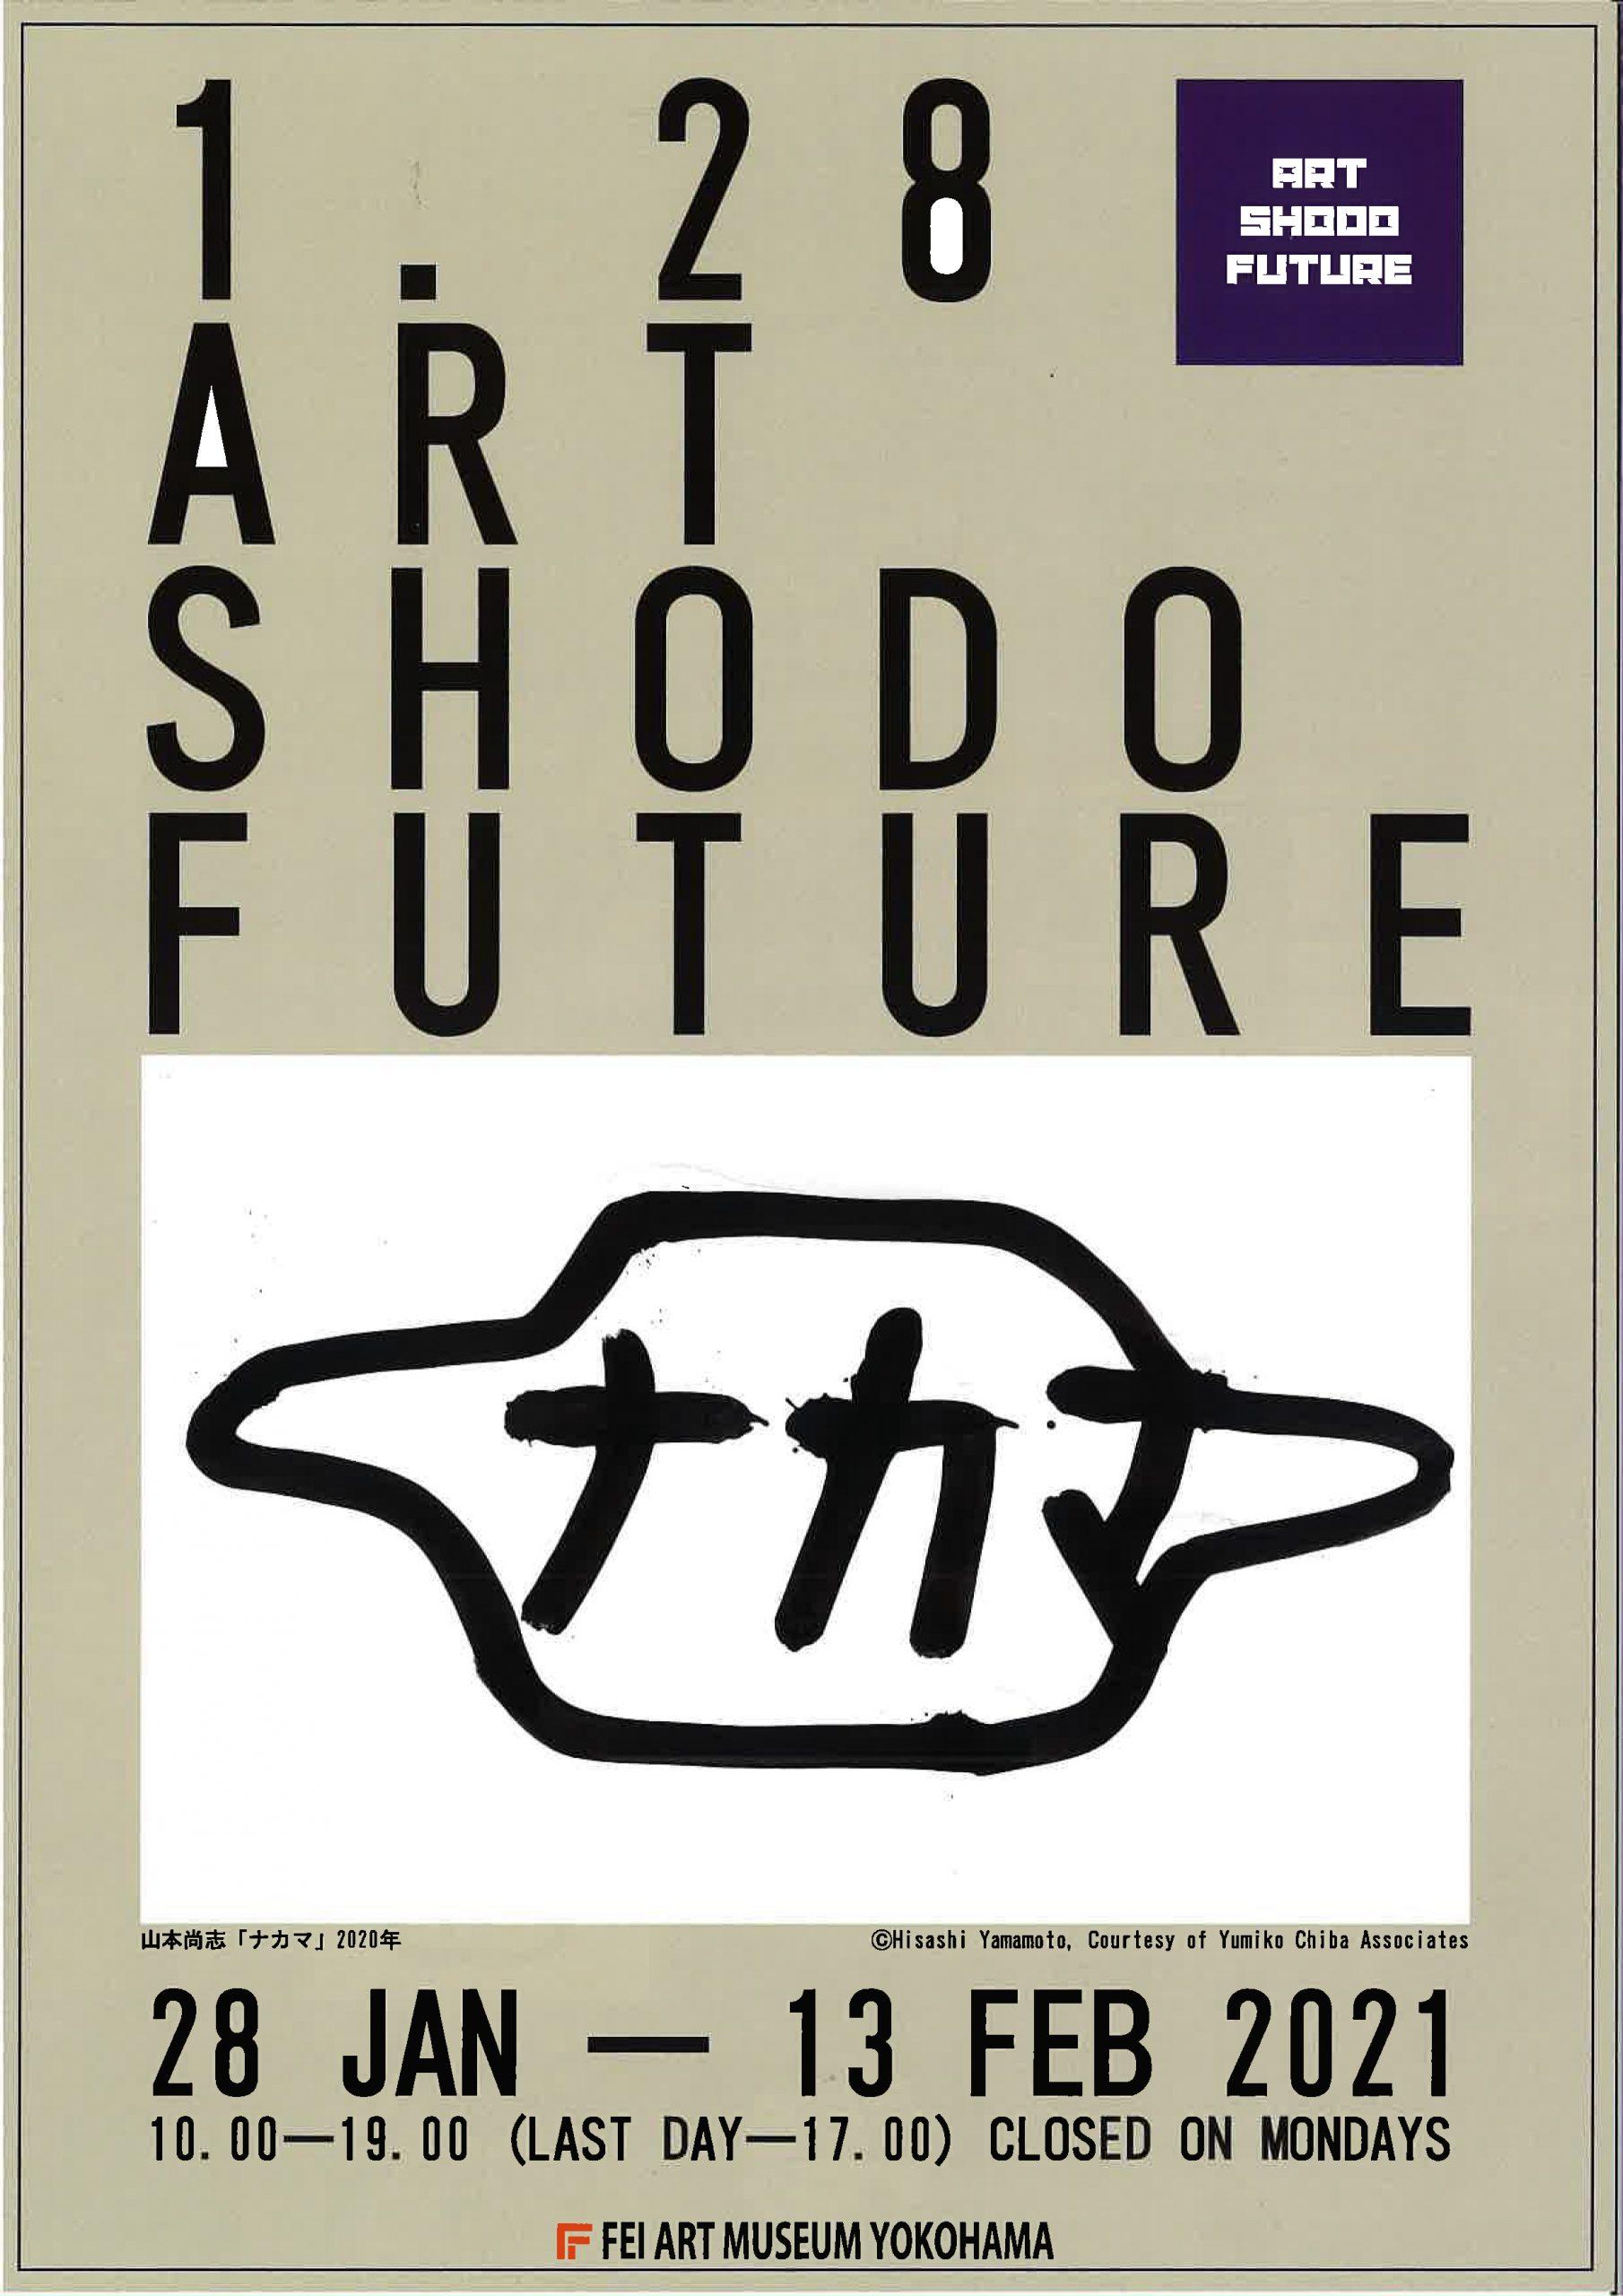 【展覧会情報】ART SHODO FUTURE